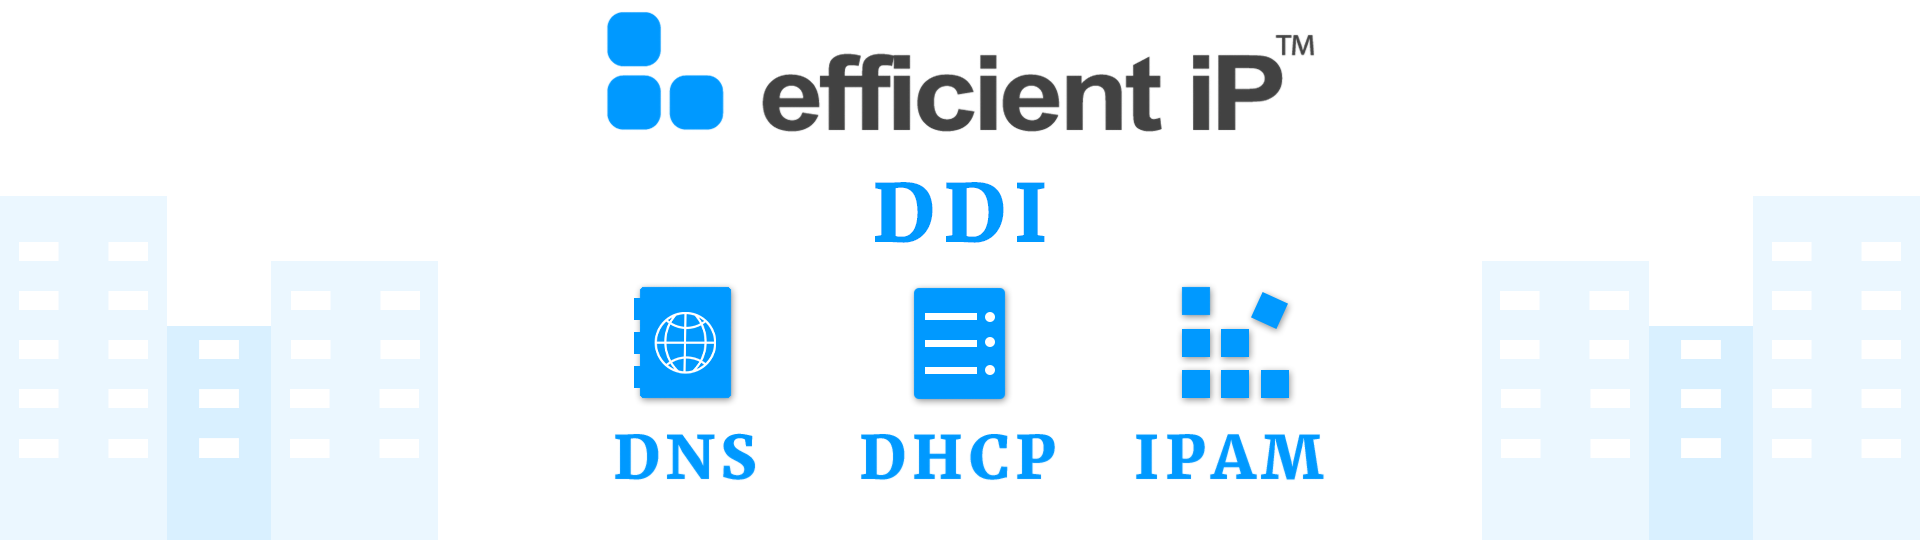 efficientip-ddi-banner